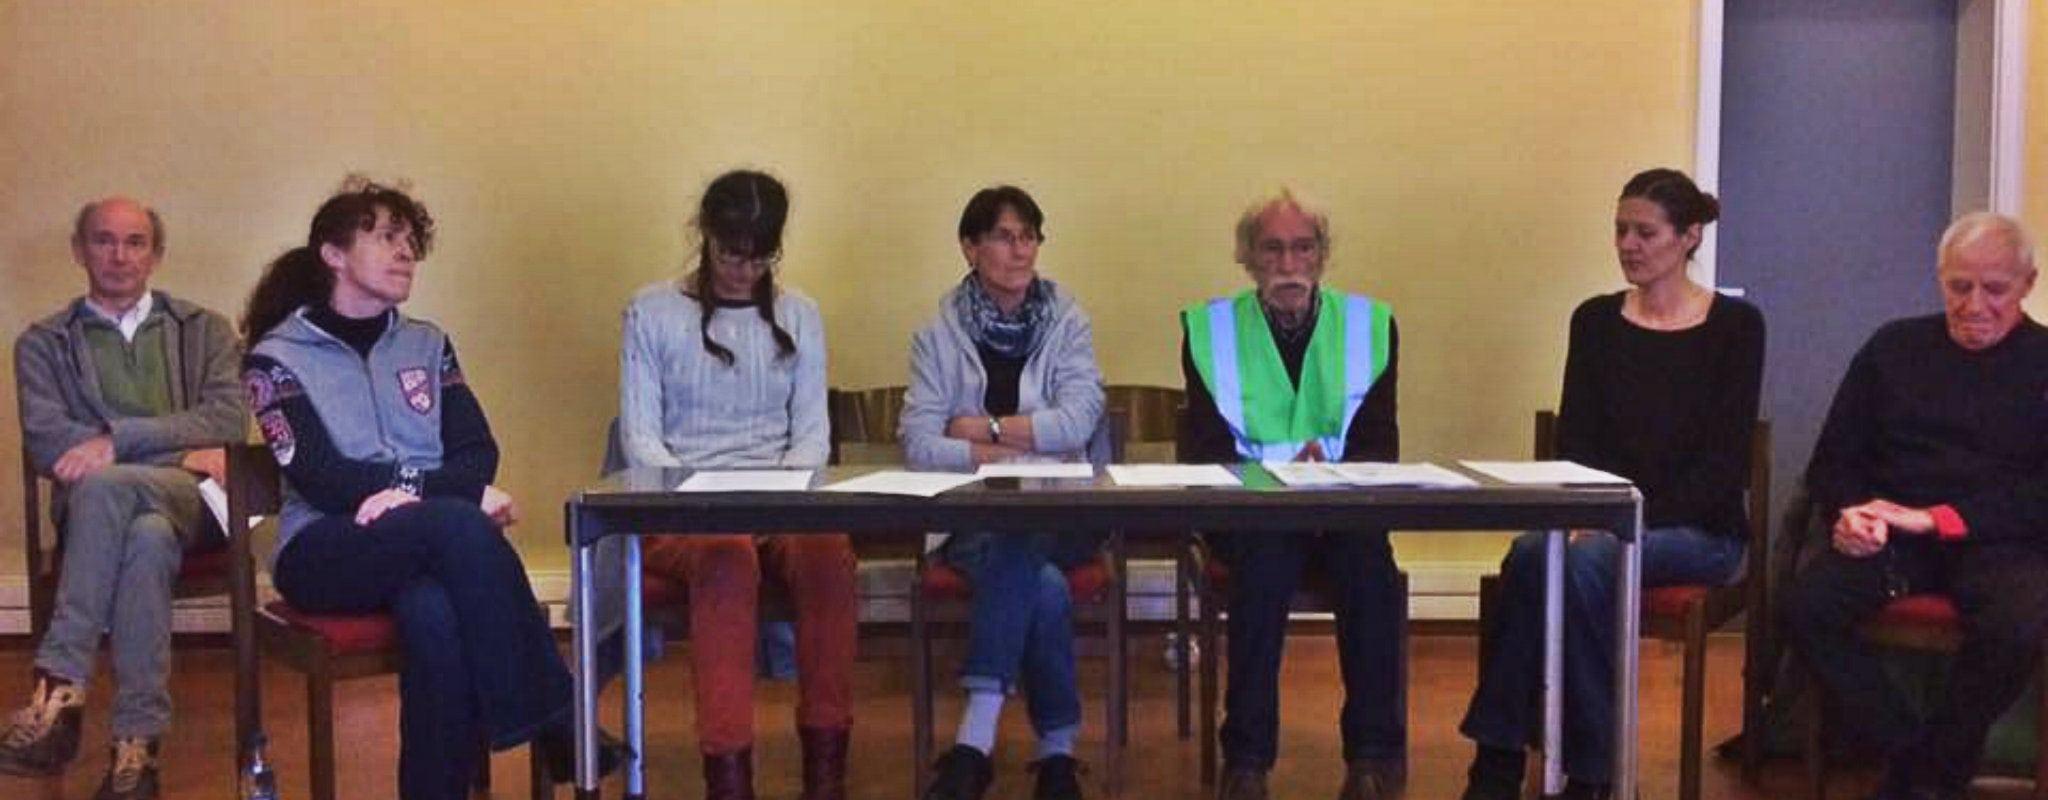 Épuisés, cinq opposants au GCO mettent fin à la grève de la faim